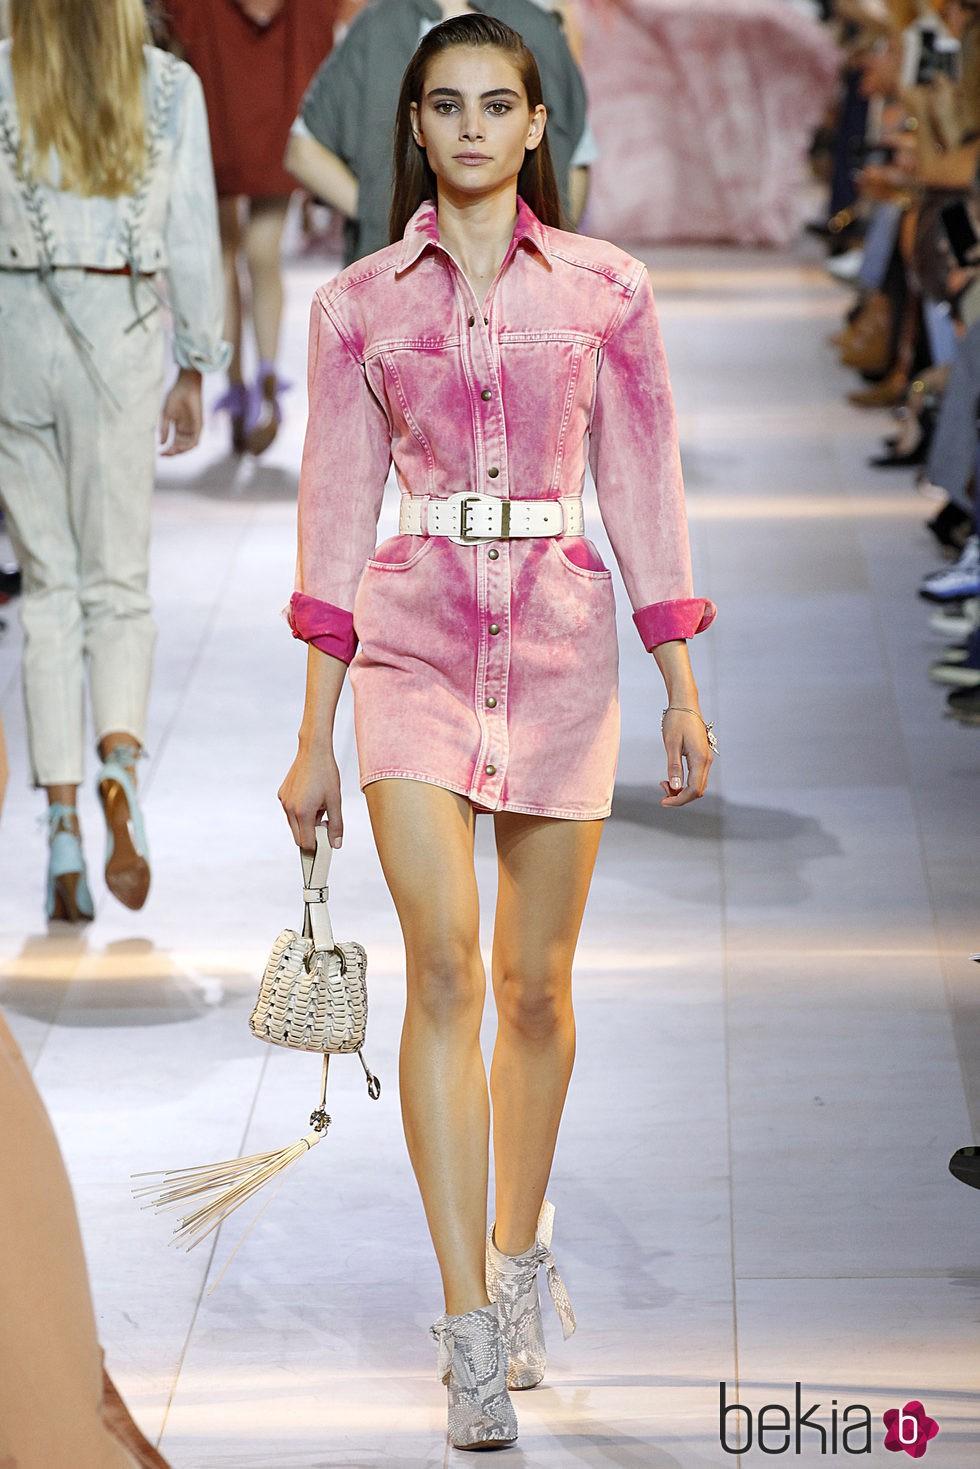 vestido rosa de la coleccin de roberto cavalli en milan fashion week